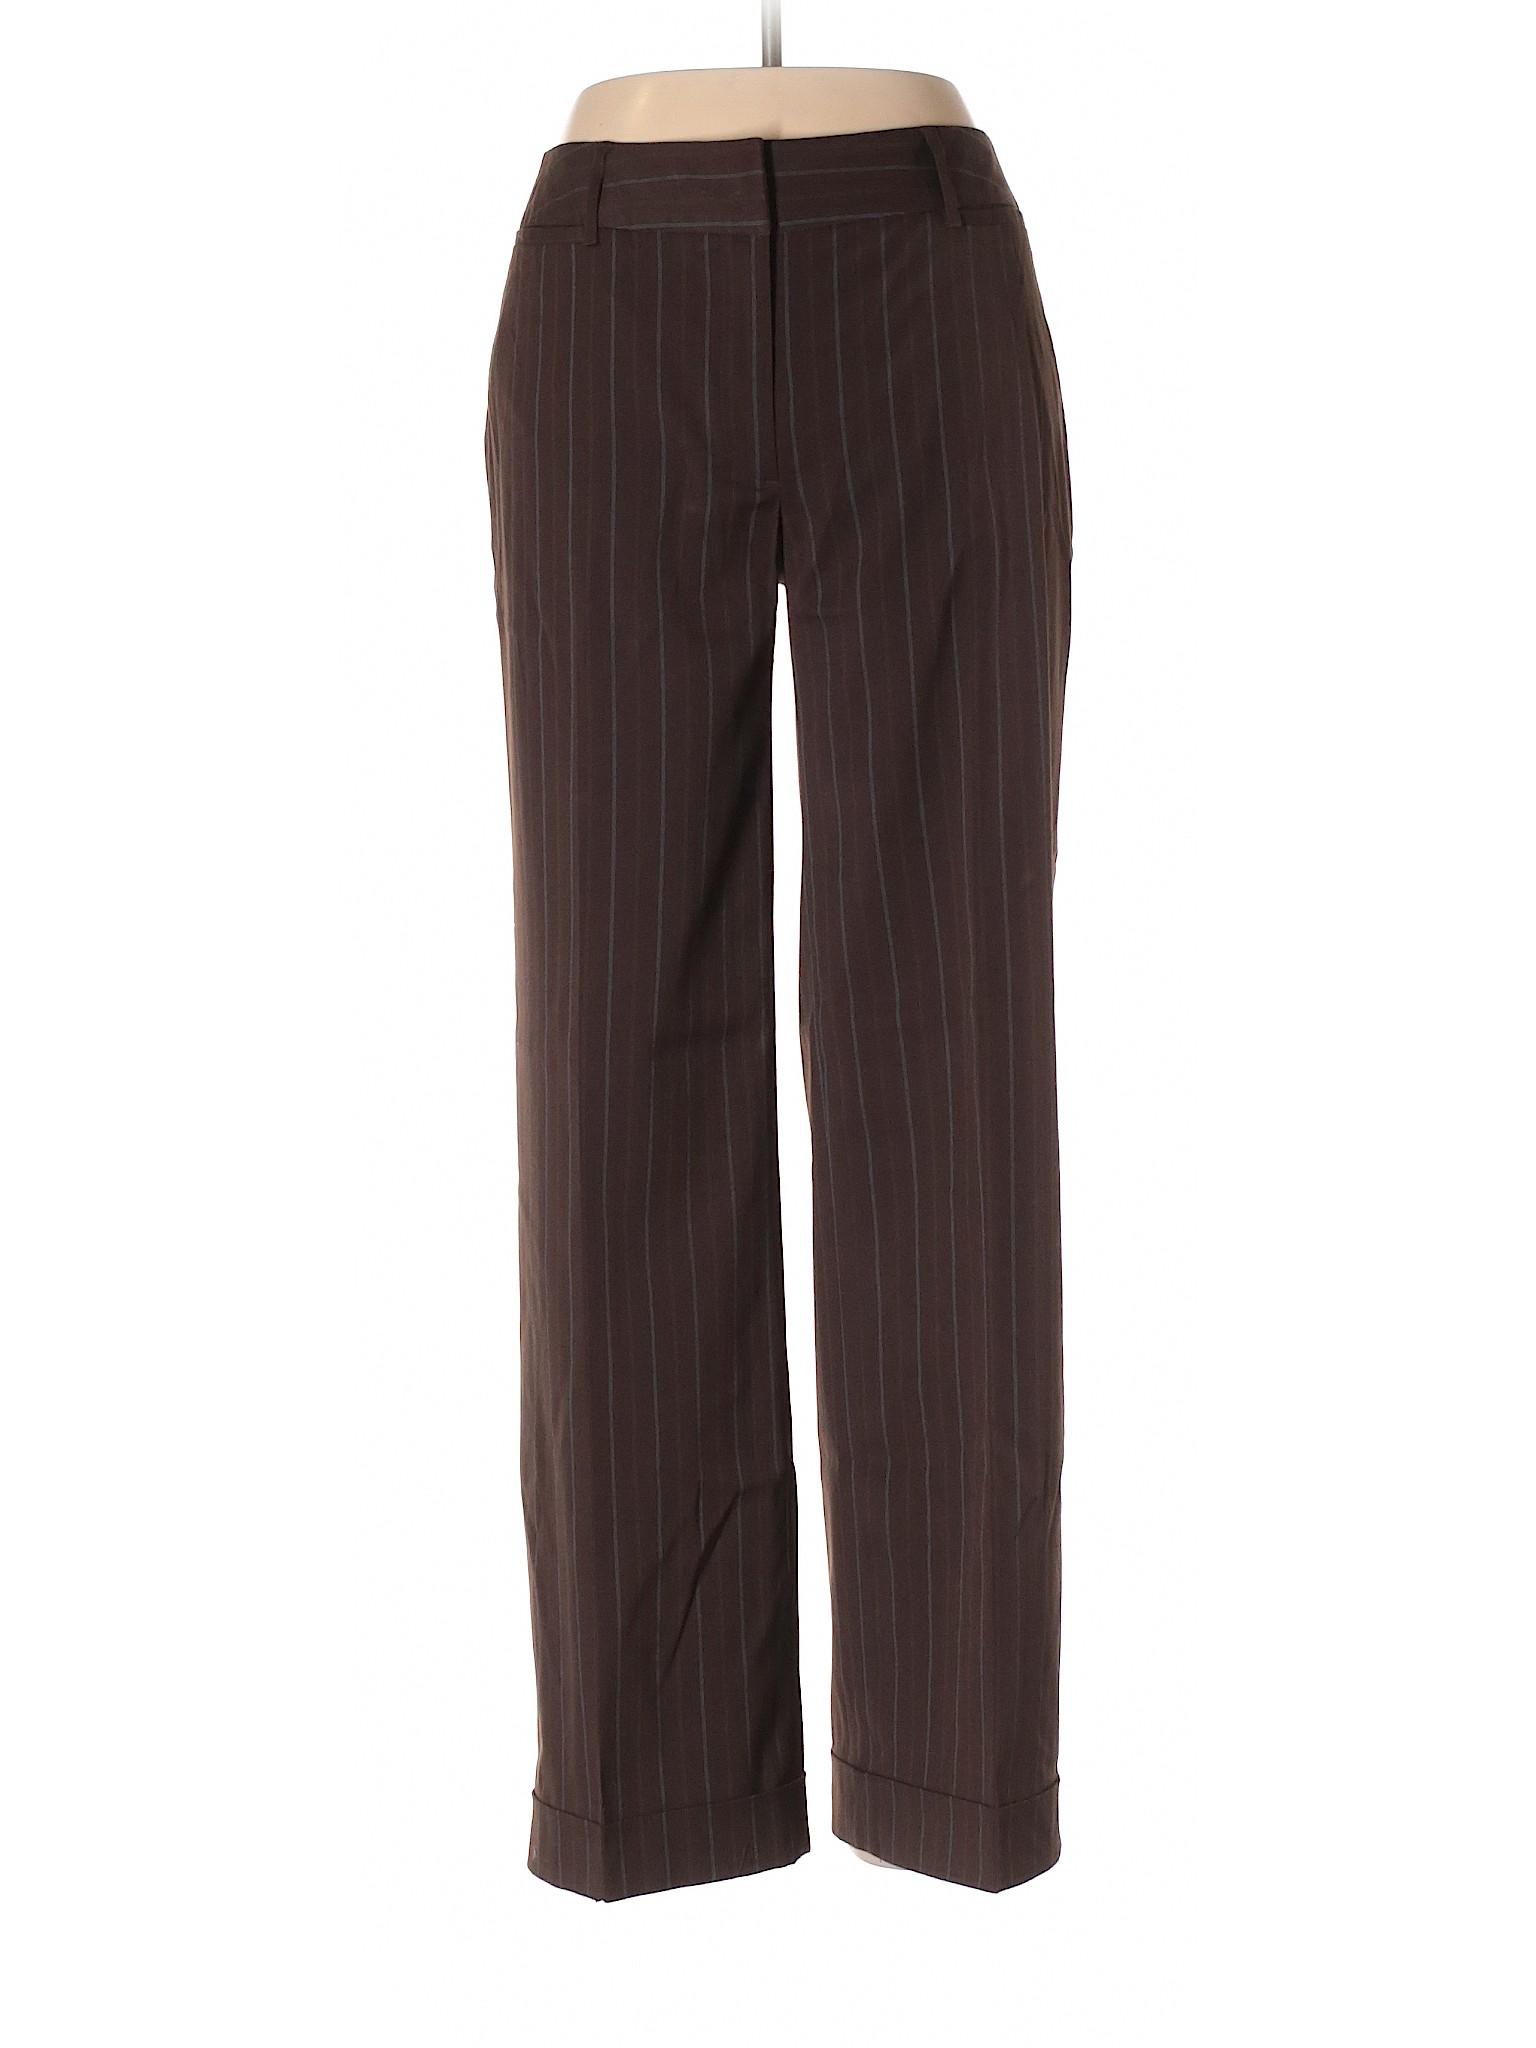 Pants Boutique Boutique leisure Dress dalia leisure dUqXcwOq